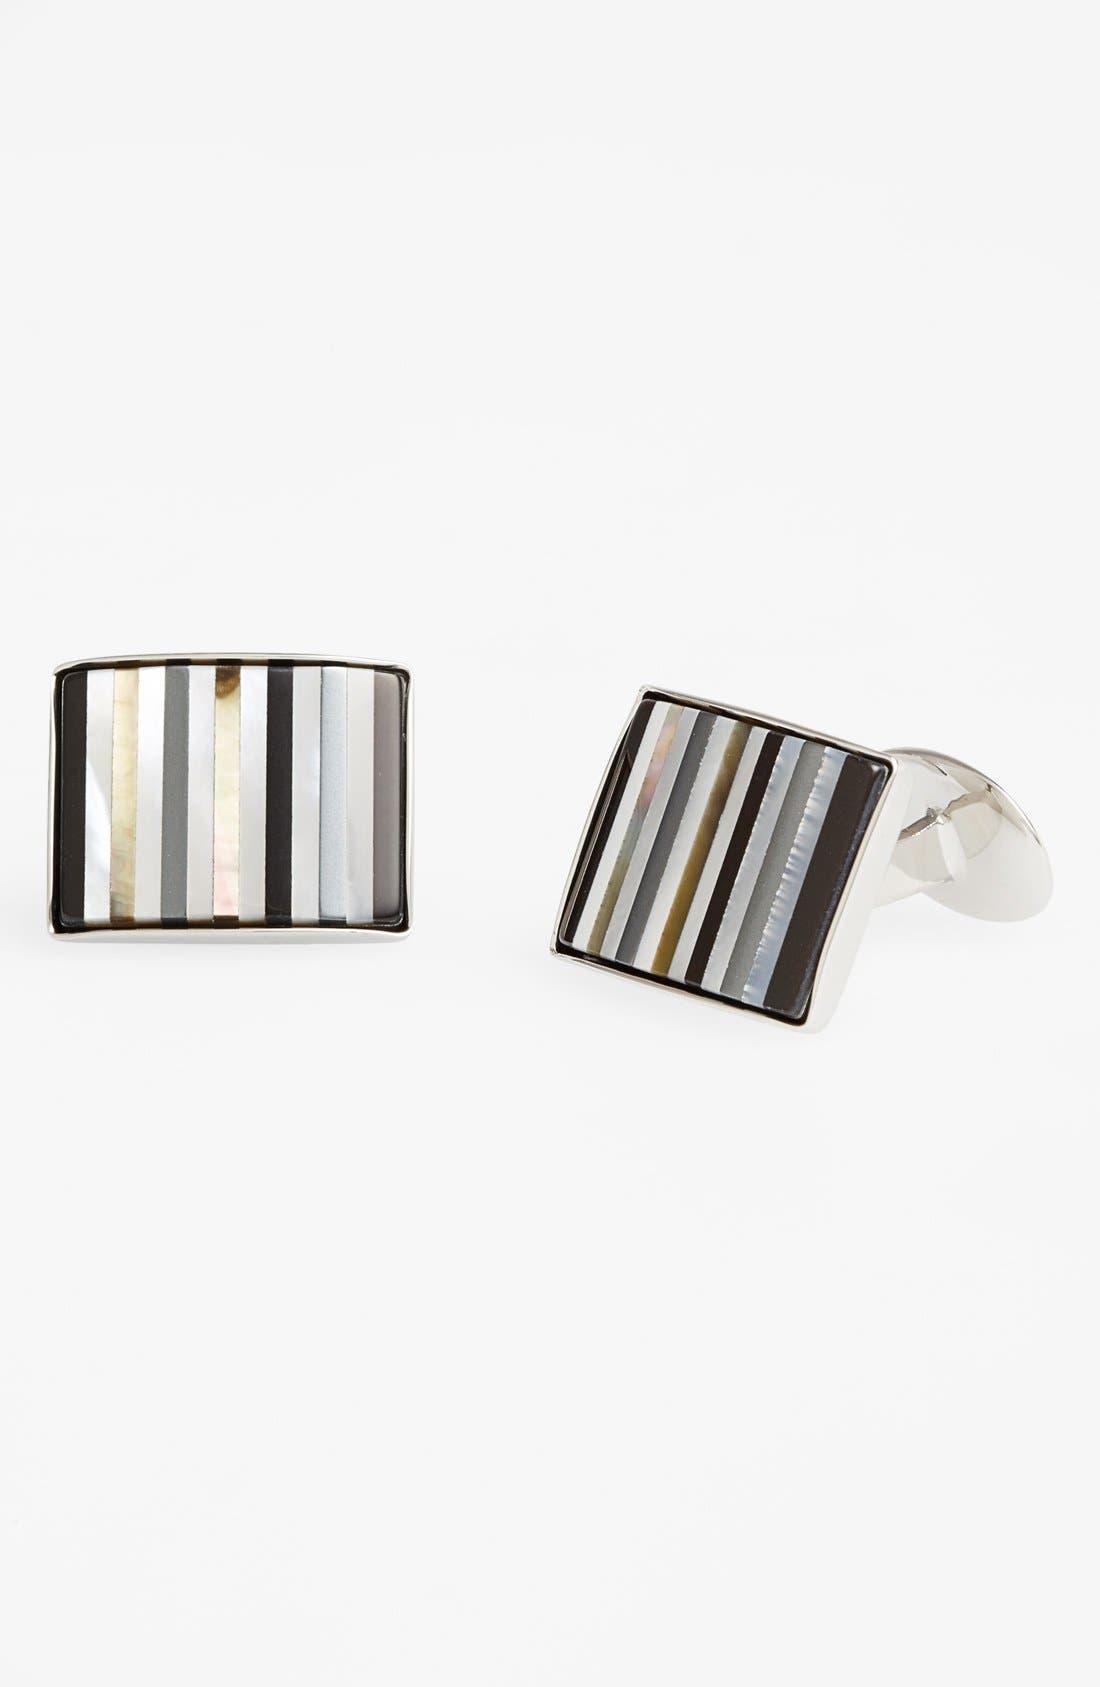 Semiprecious Cuff Links,                         Main,                         color, Sterling Silver/ Multicolored